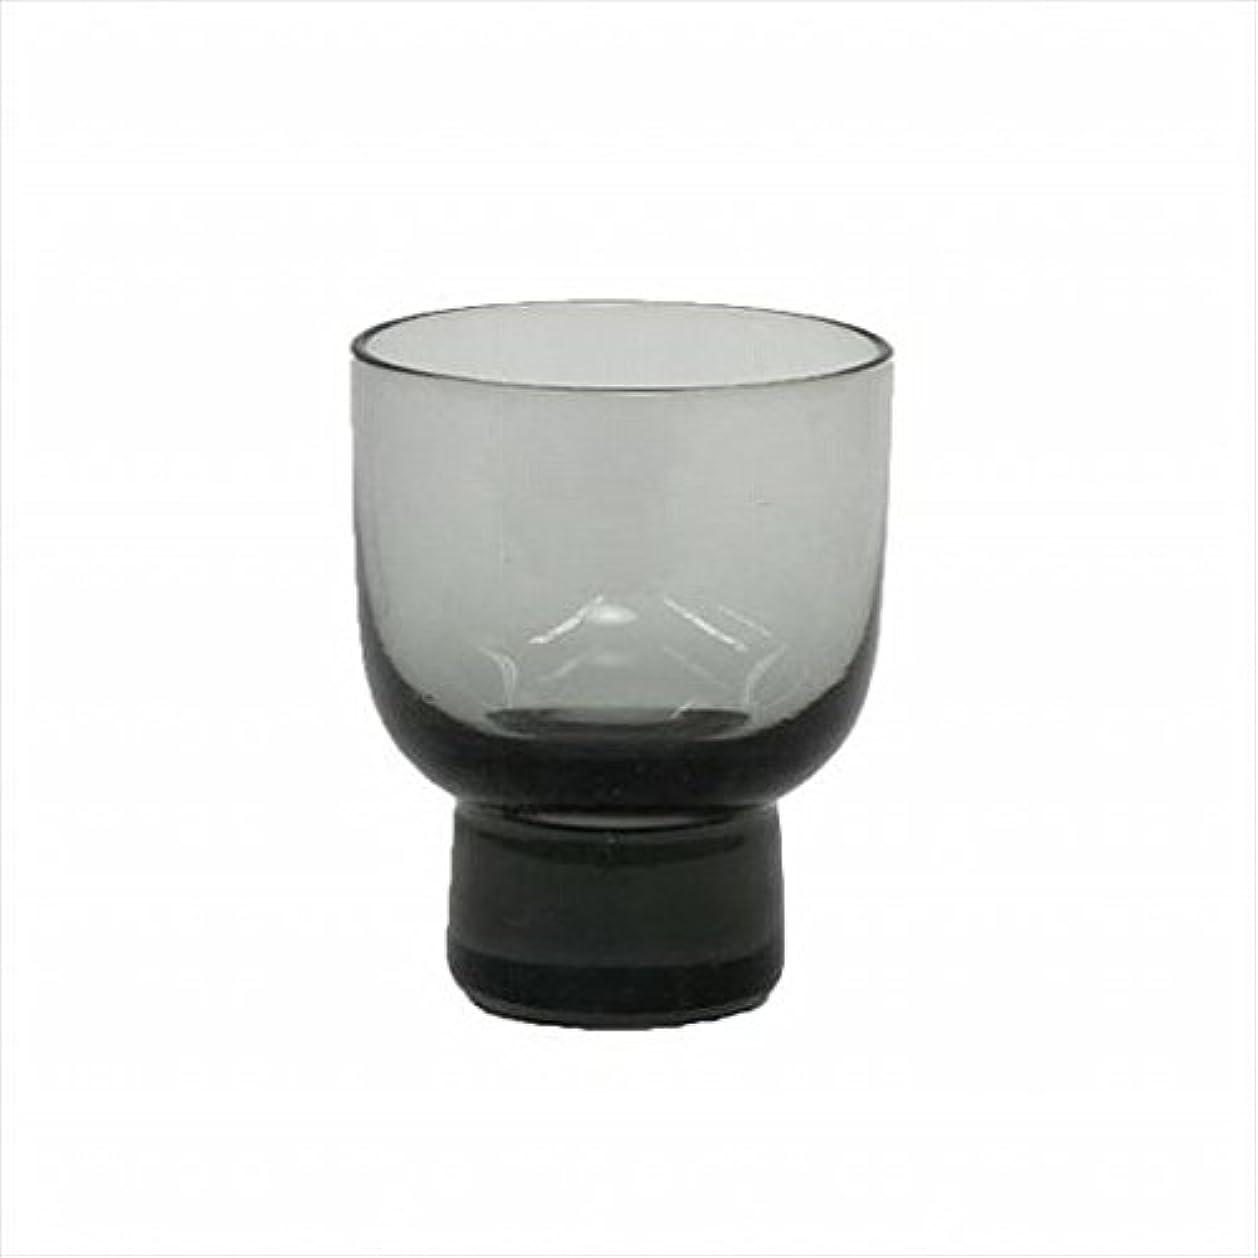 苦しめる細分化する平手打ちkameyama candle(カメヤマキャンドル) ロキカップ 「 スモーク 」 キャンドル 58x58x70mm (I8236100SM)